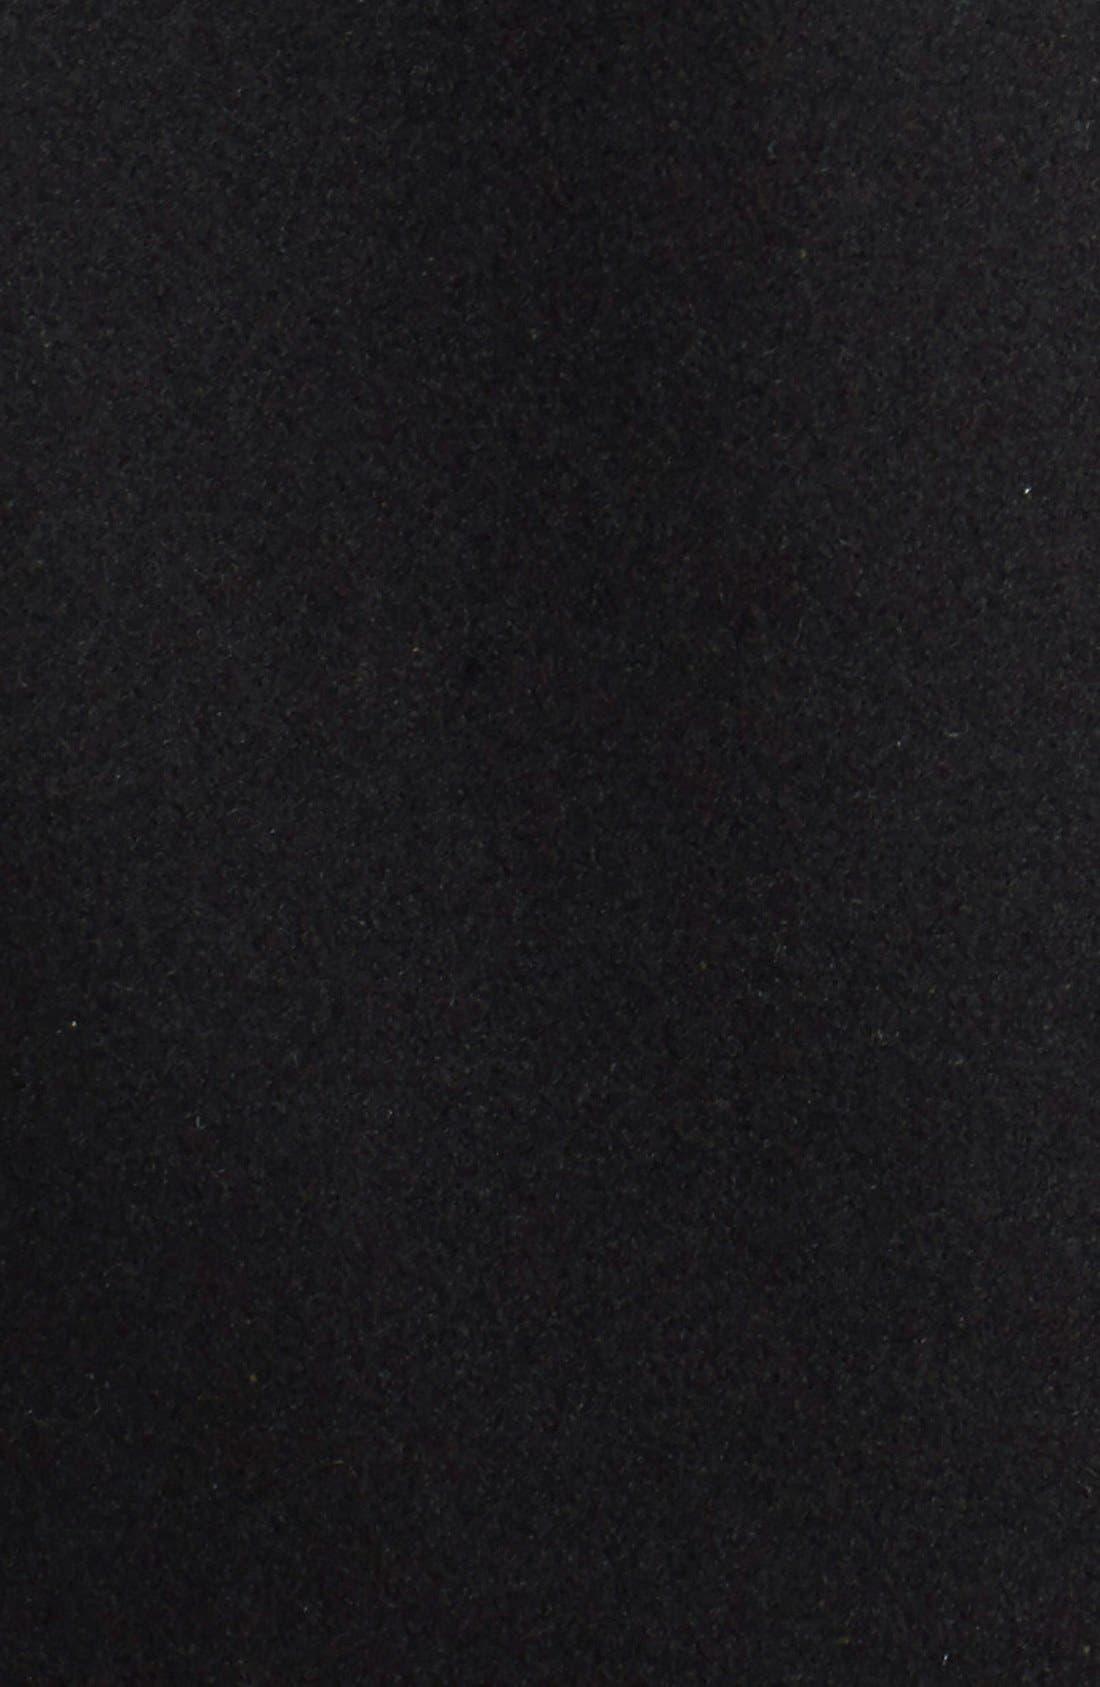 Melton Car Coat with Removable Bib,                             Alternate thumbnail 9, color,                             BLACK